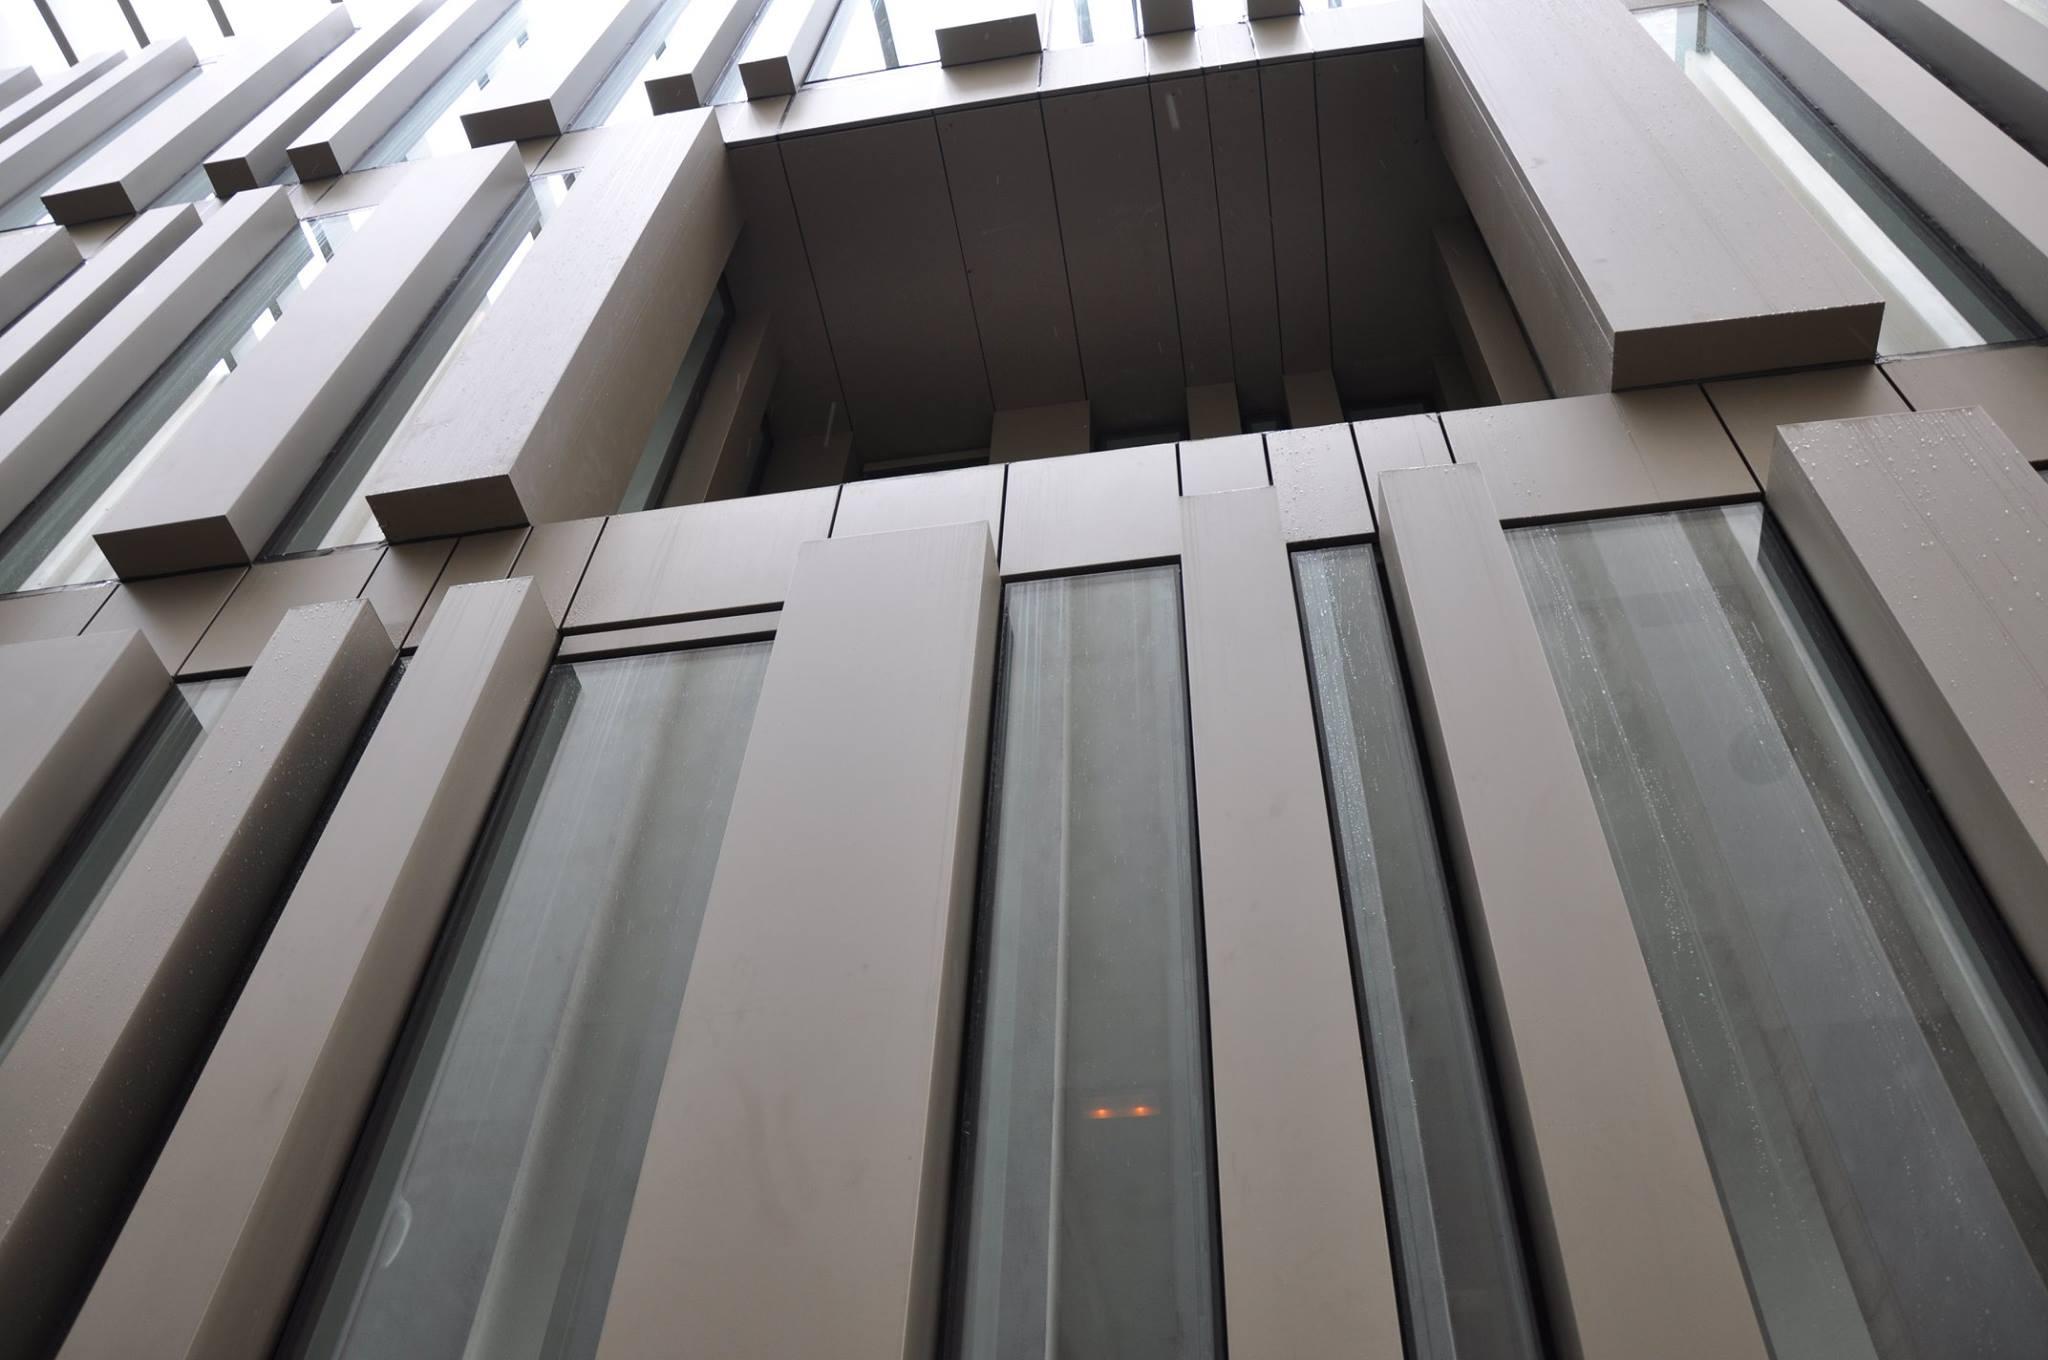 Fachada muro cortina modular paneles aluminio centro-recepcion-turistas-burgos-08